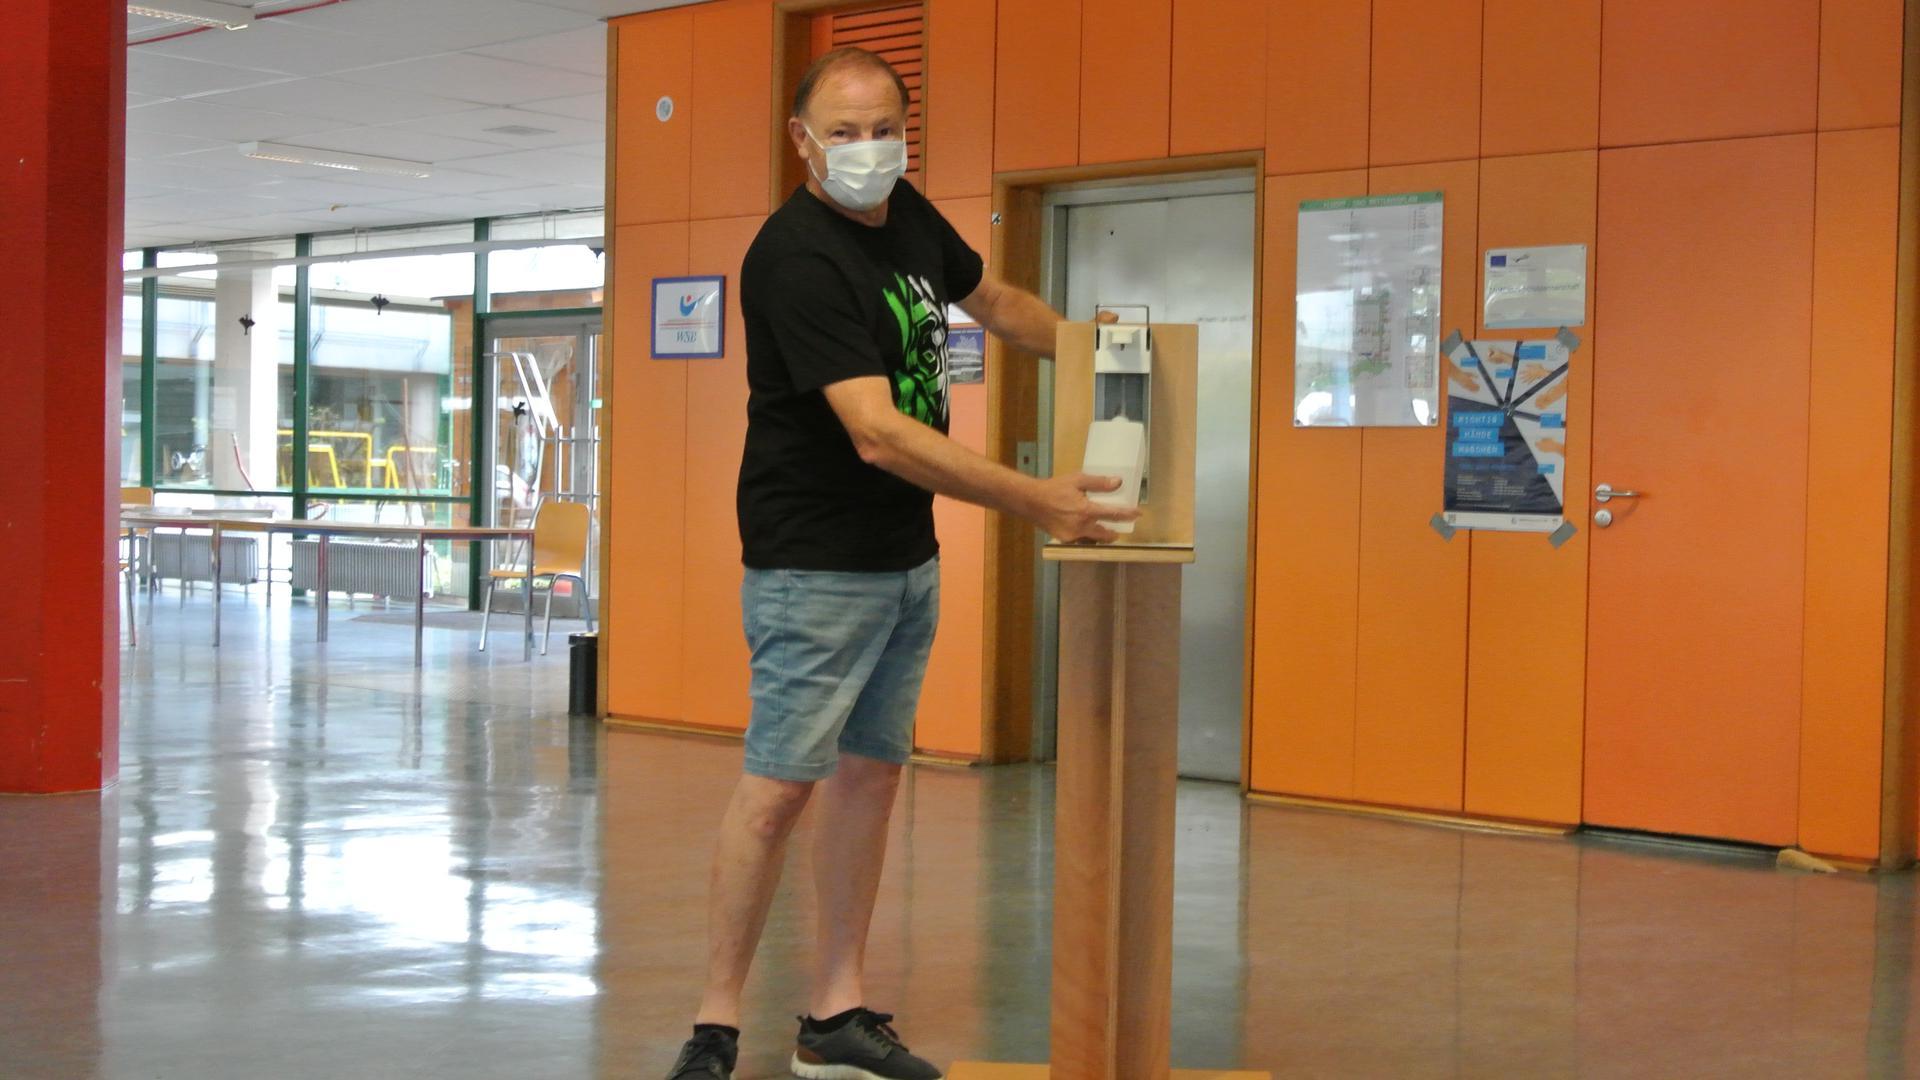 Ein Mann mit Maske steht neben einem Desinfektionsmittel-Spender